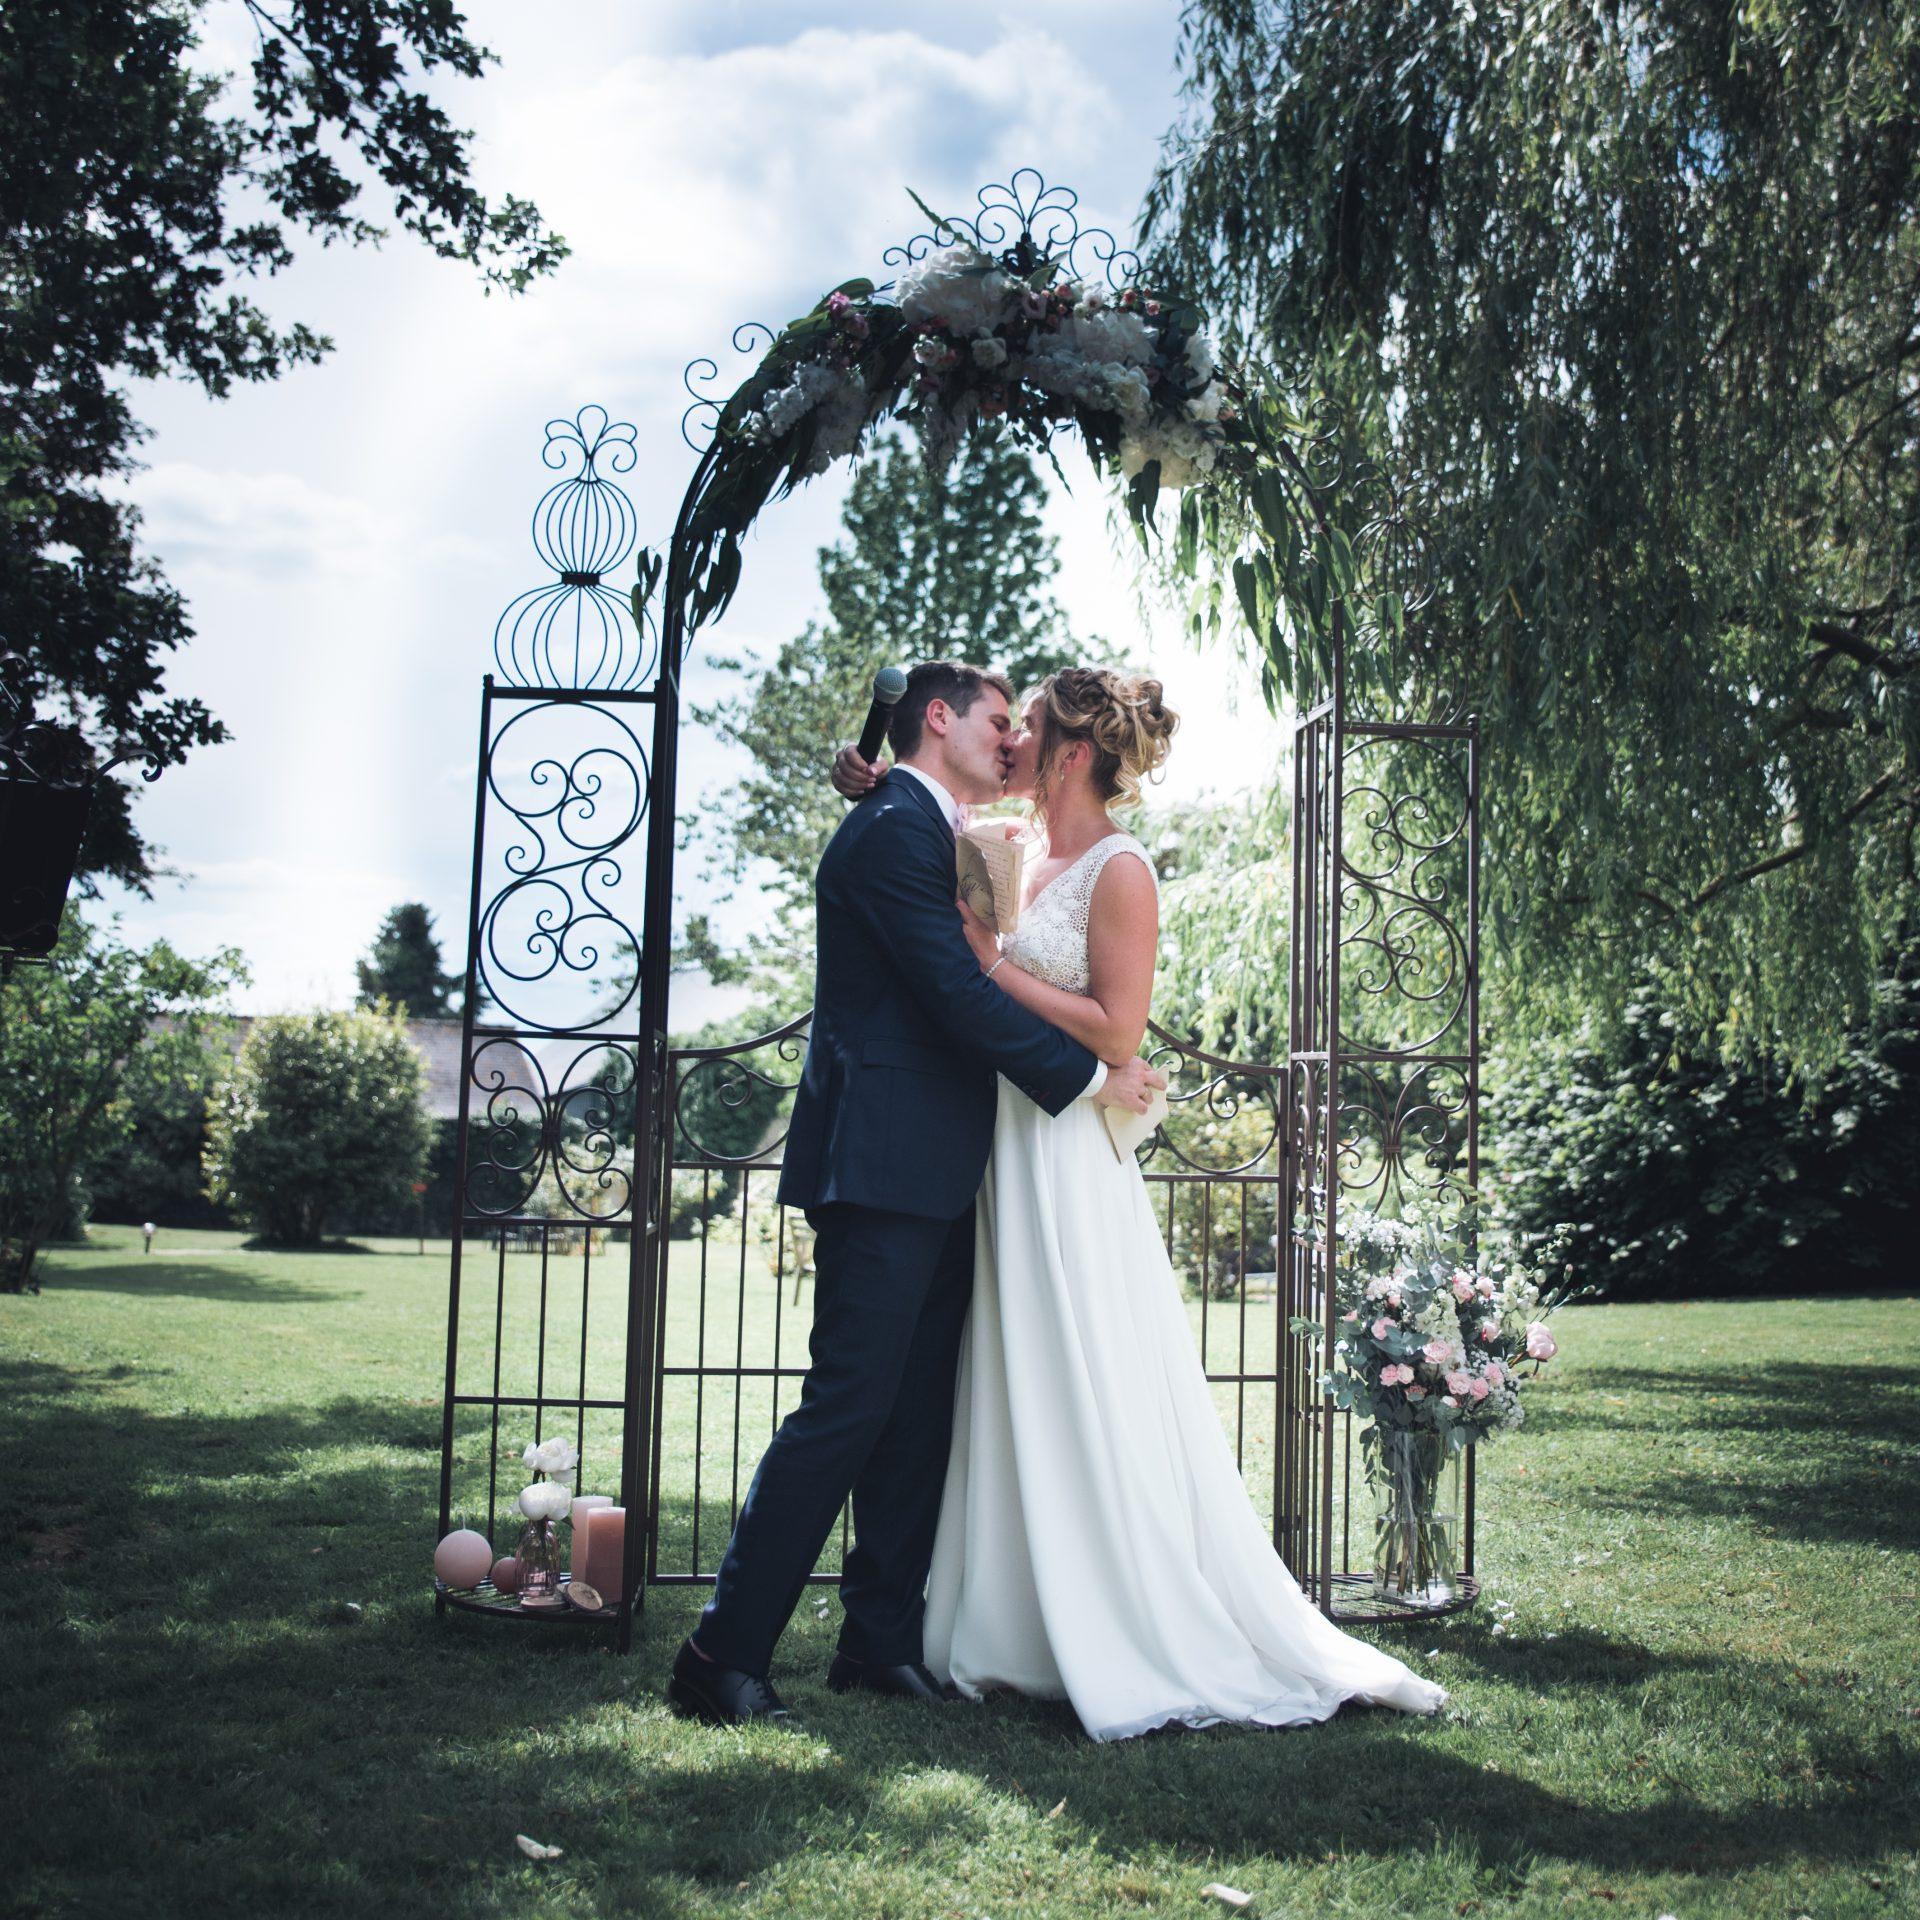 sterenn-officiante_ceremonie-laïque-bretagne-rennes-Amélie-Charles-François-arche-baiser-mariés